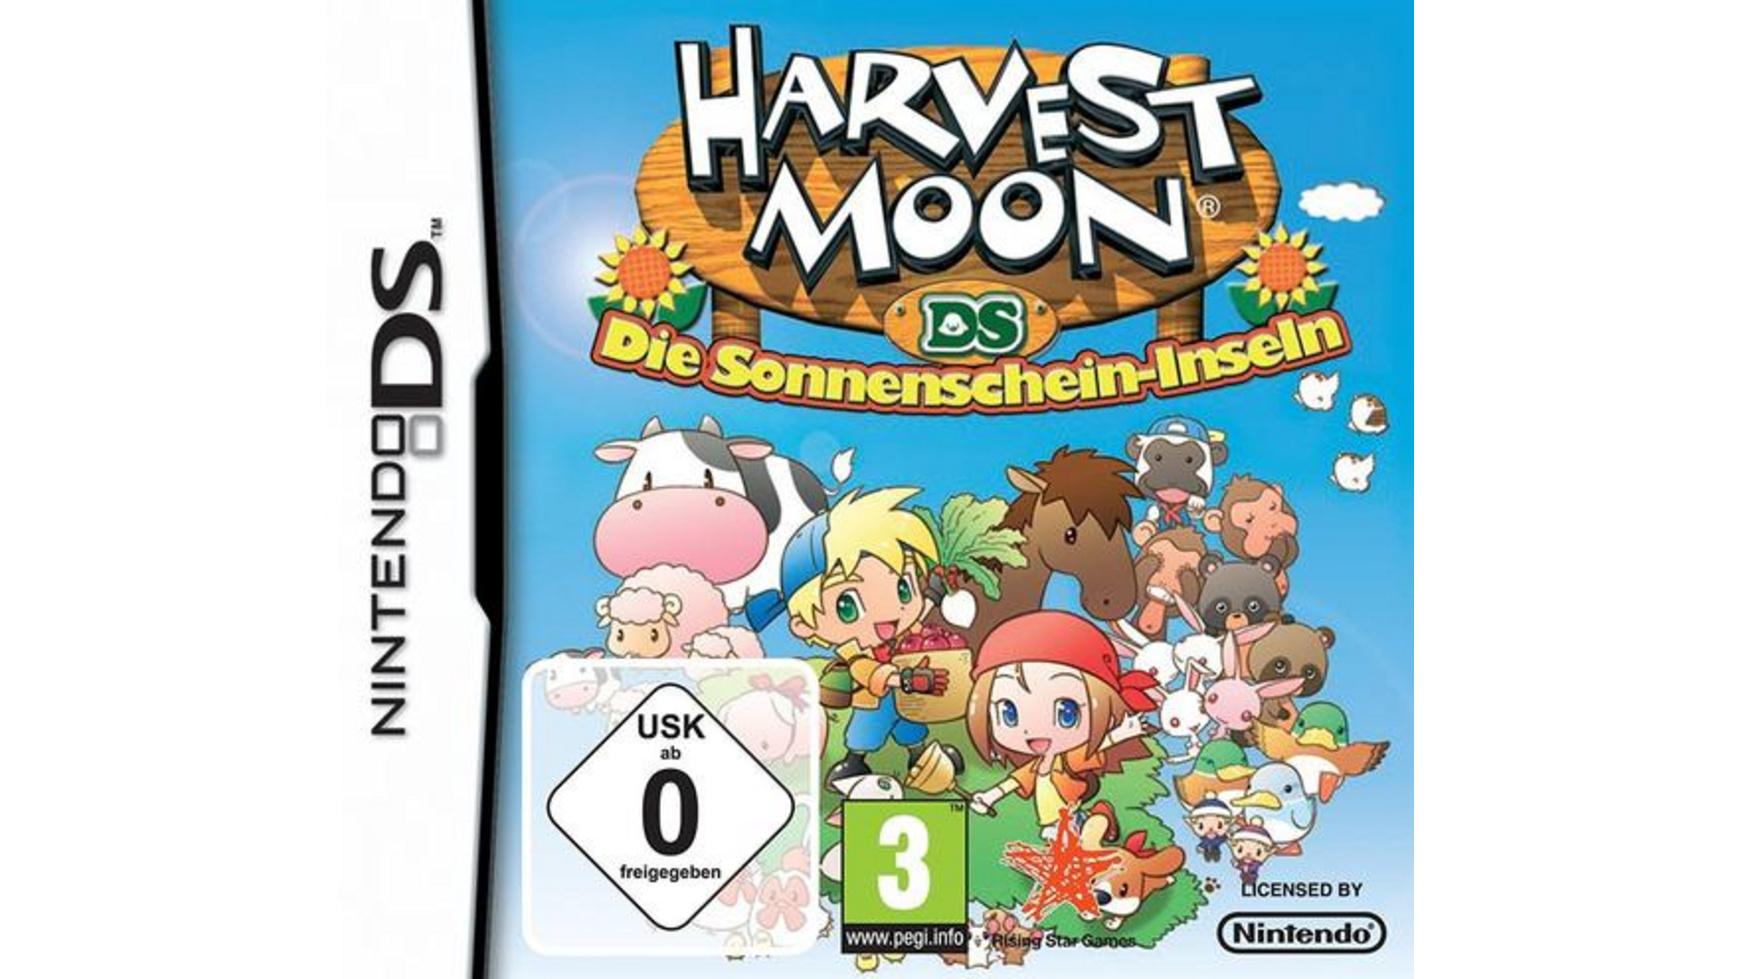 harvest moon die sonnenschein inseln geld